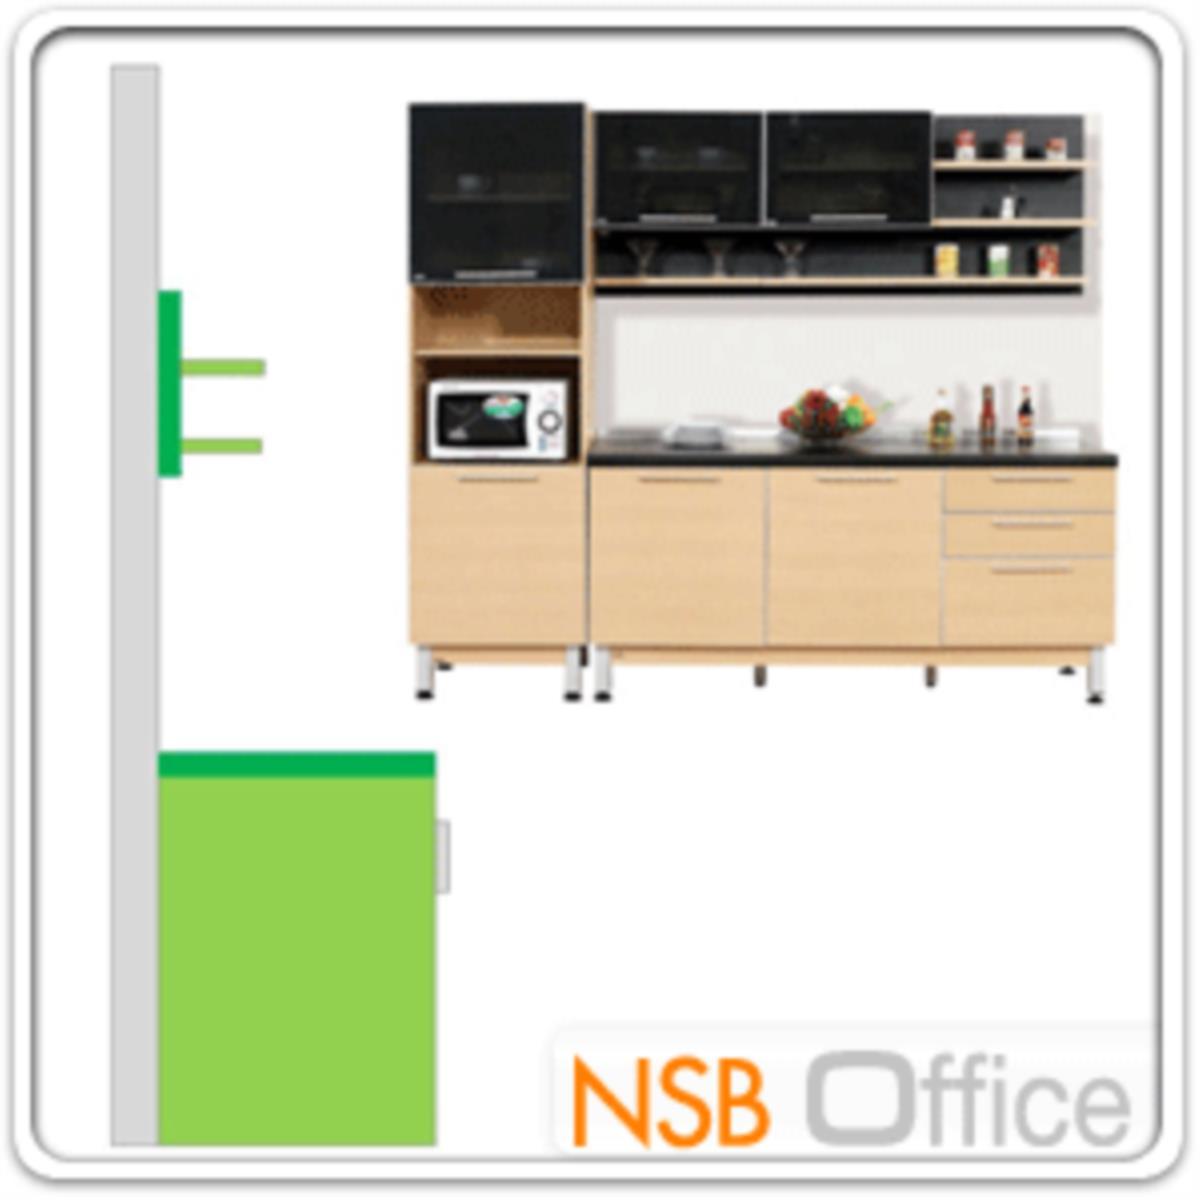 ชุดตู้ครัวสีบีทดำ 240W cm. รุ่น STEP-142 (สำหรับครัวเปียกและครัวแห้ง)